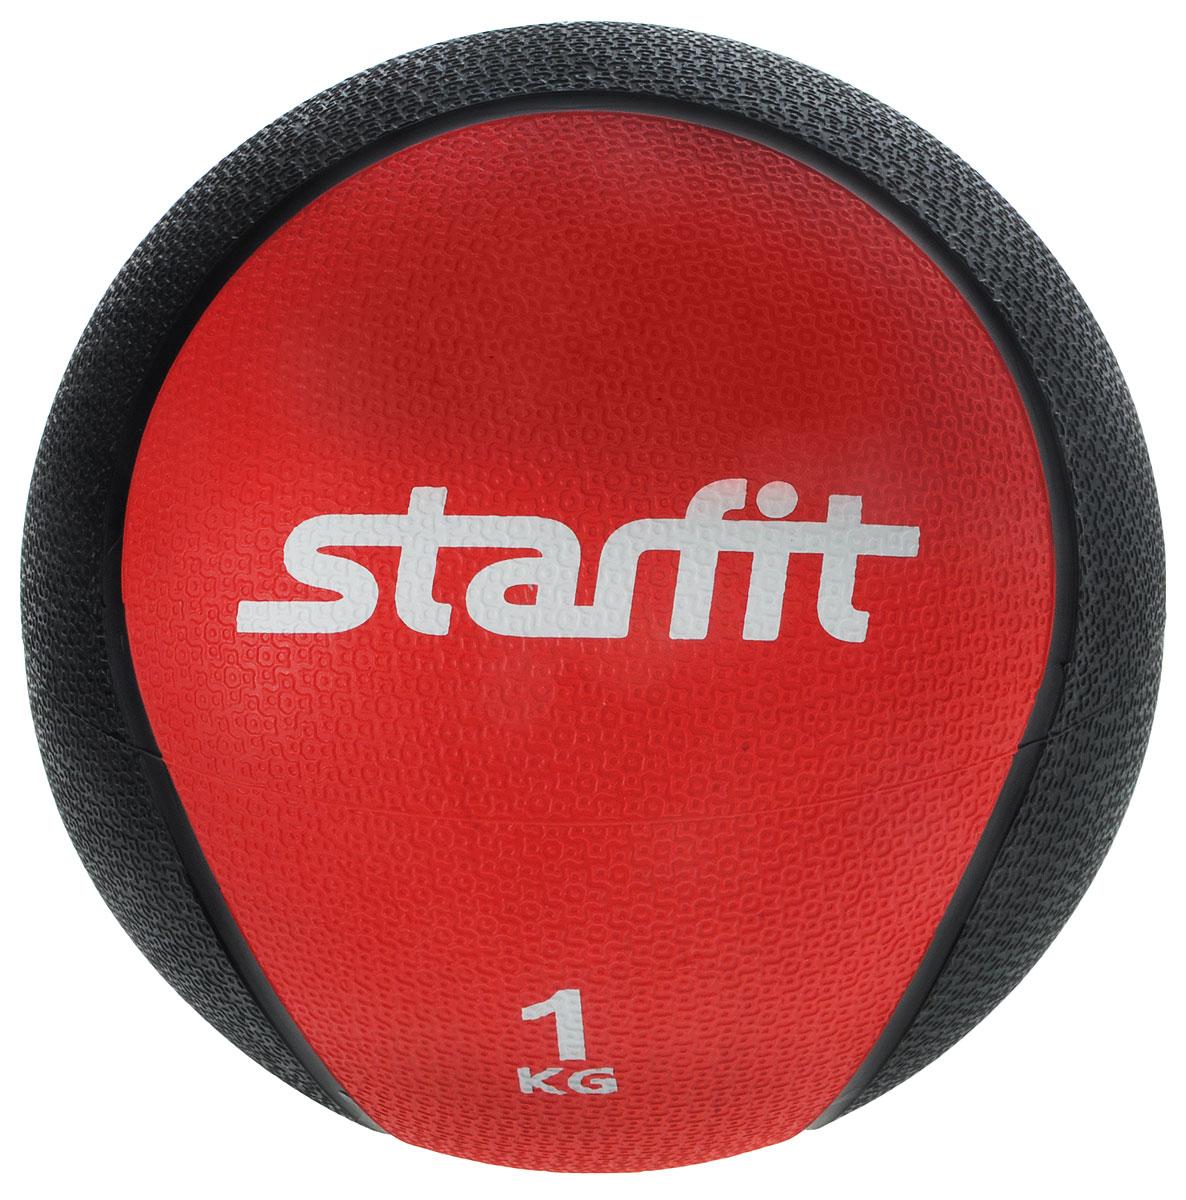 Медицинбол Starfit Pro GB-702, цвет: красный, черный, 1 кг купить паяльную станцию lukey 702 в украине